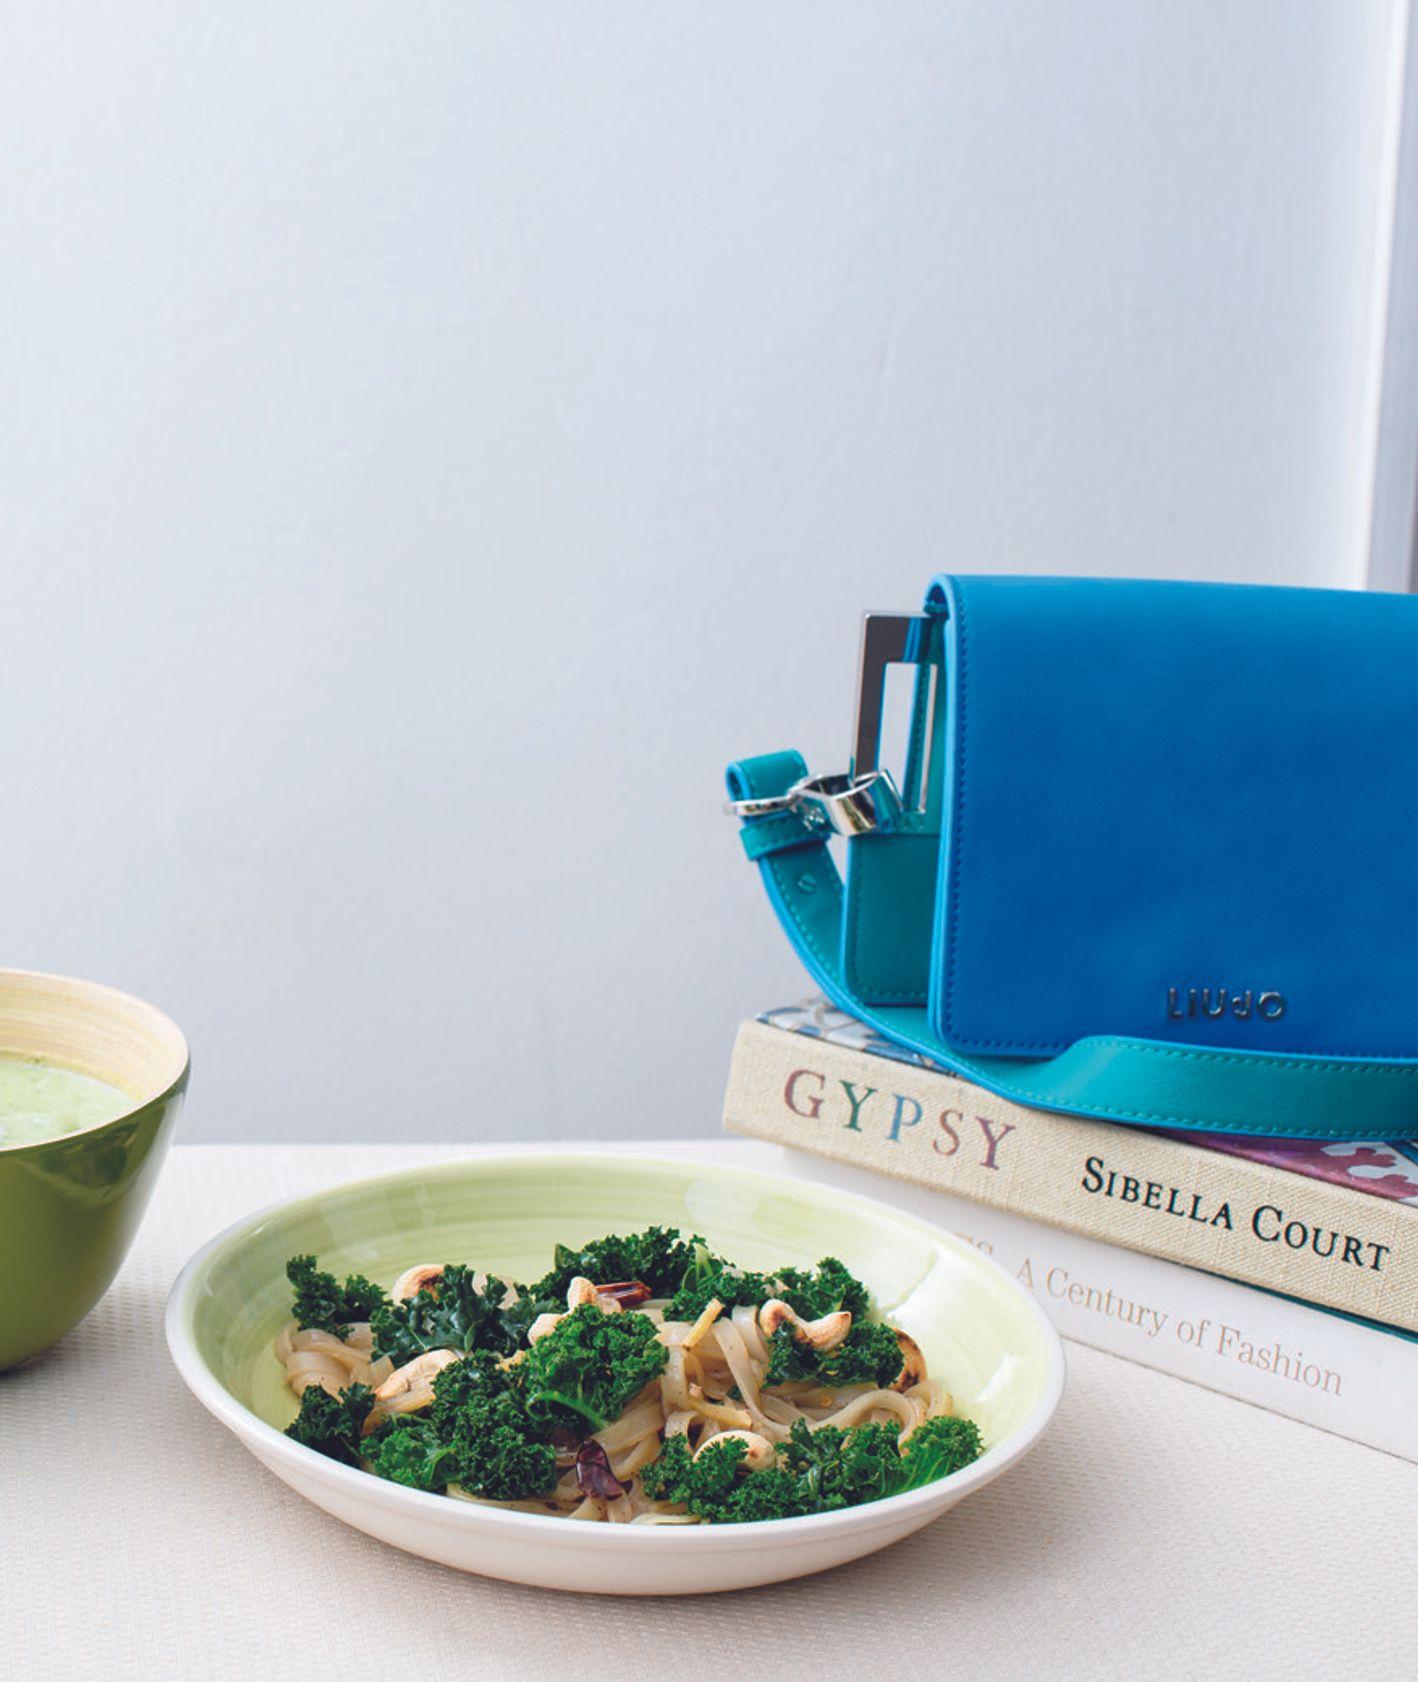 Makaron ryżowy z jarmużem, z orzechami nerkowca i z rodzynkami w ostrym sosie sojowym,  jarmuż z makaronem ryżowym w azjatyckim stylu, przepis i zdjęcie Kasia Bem